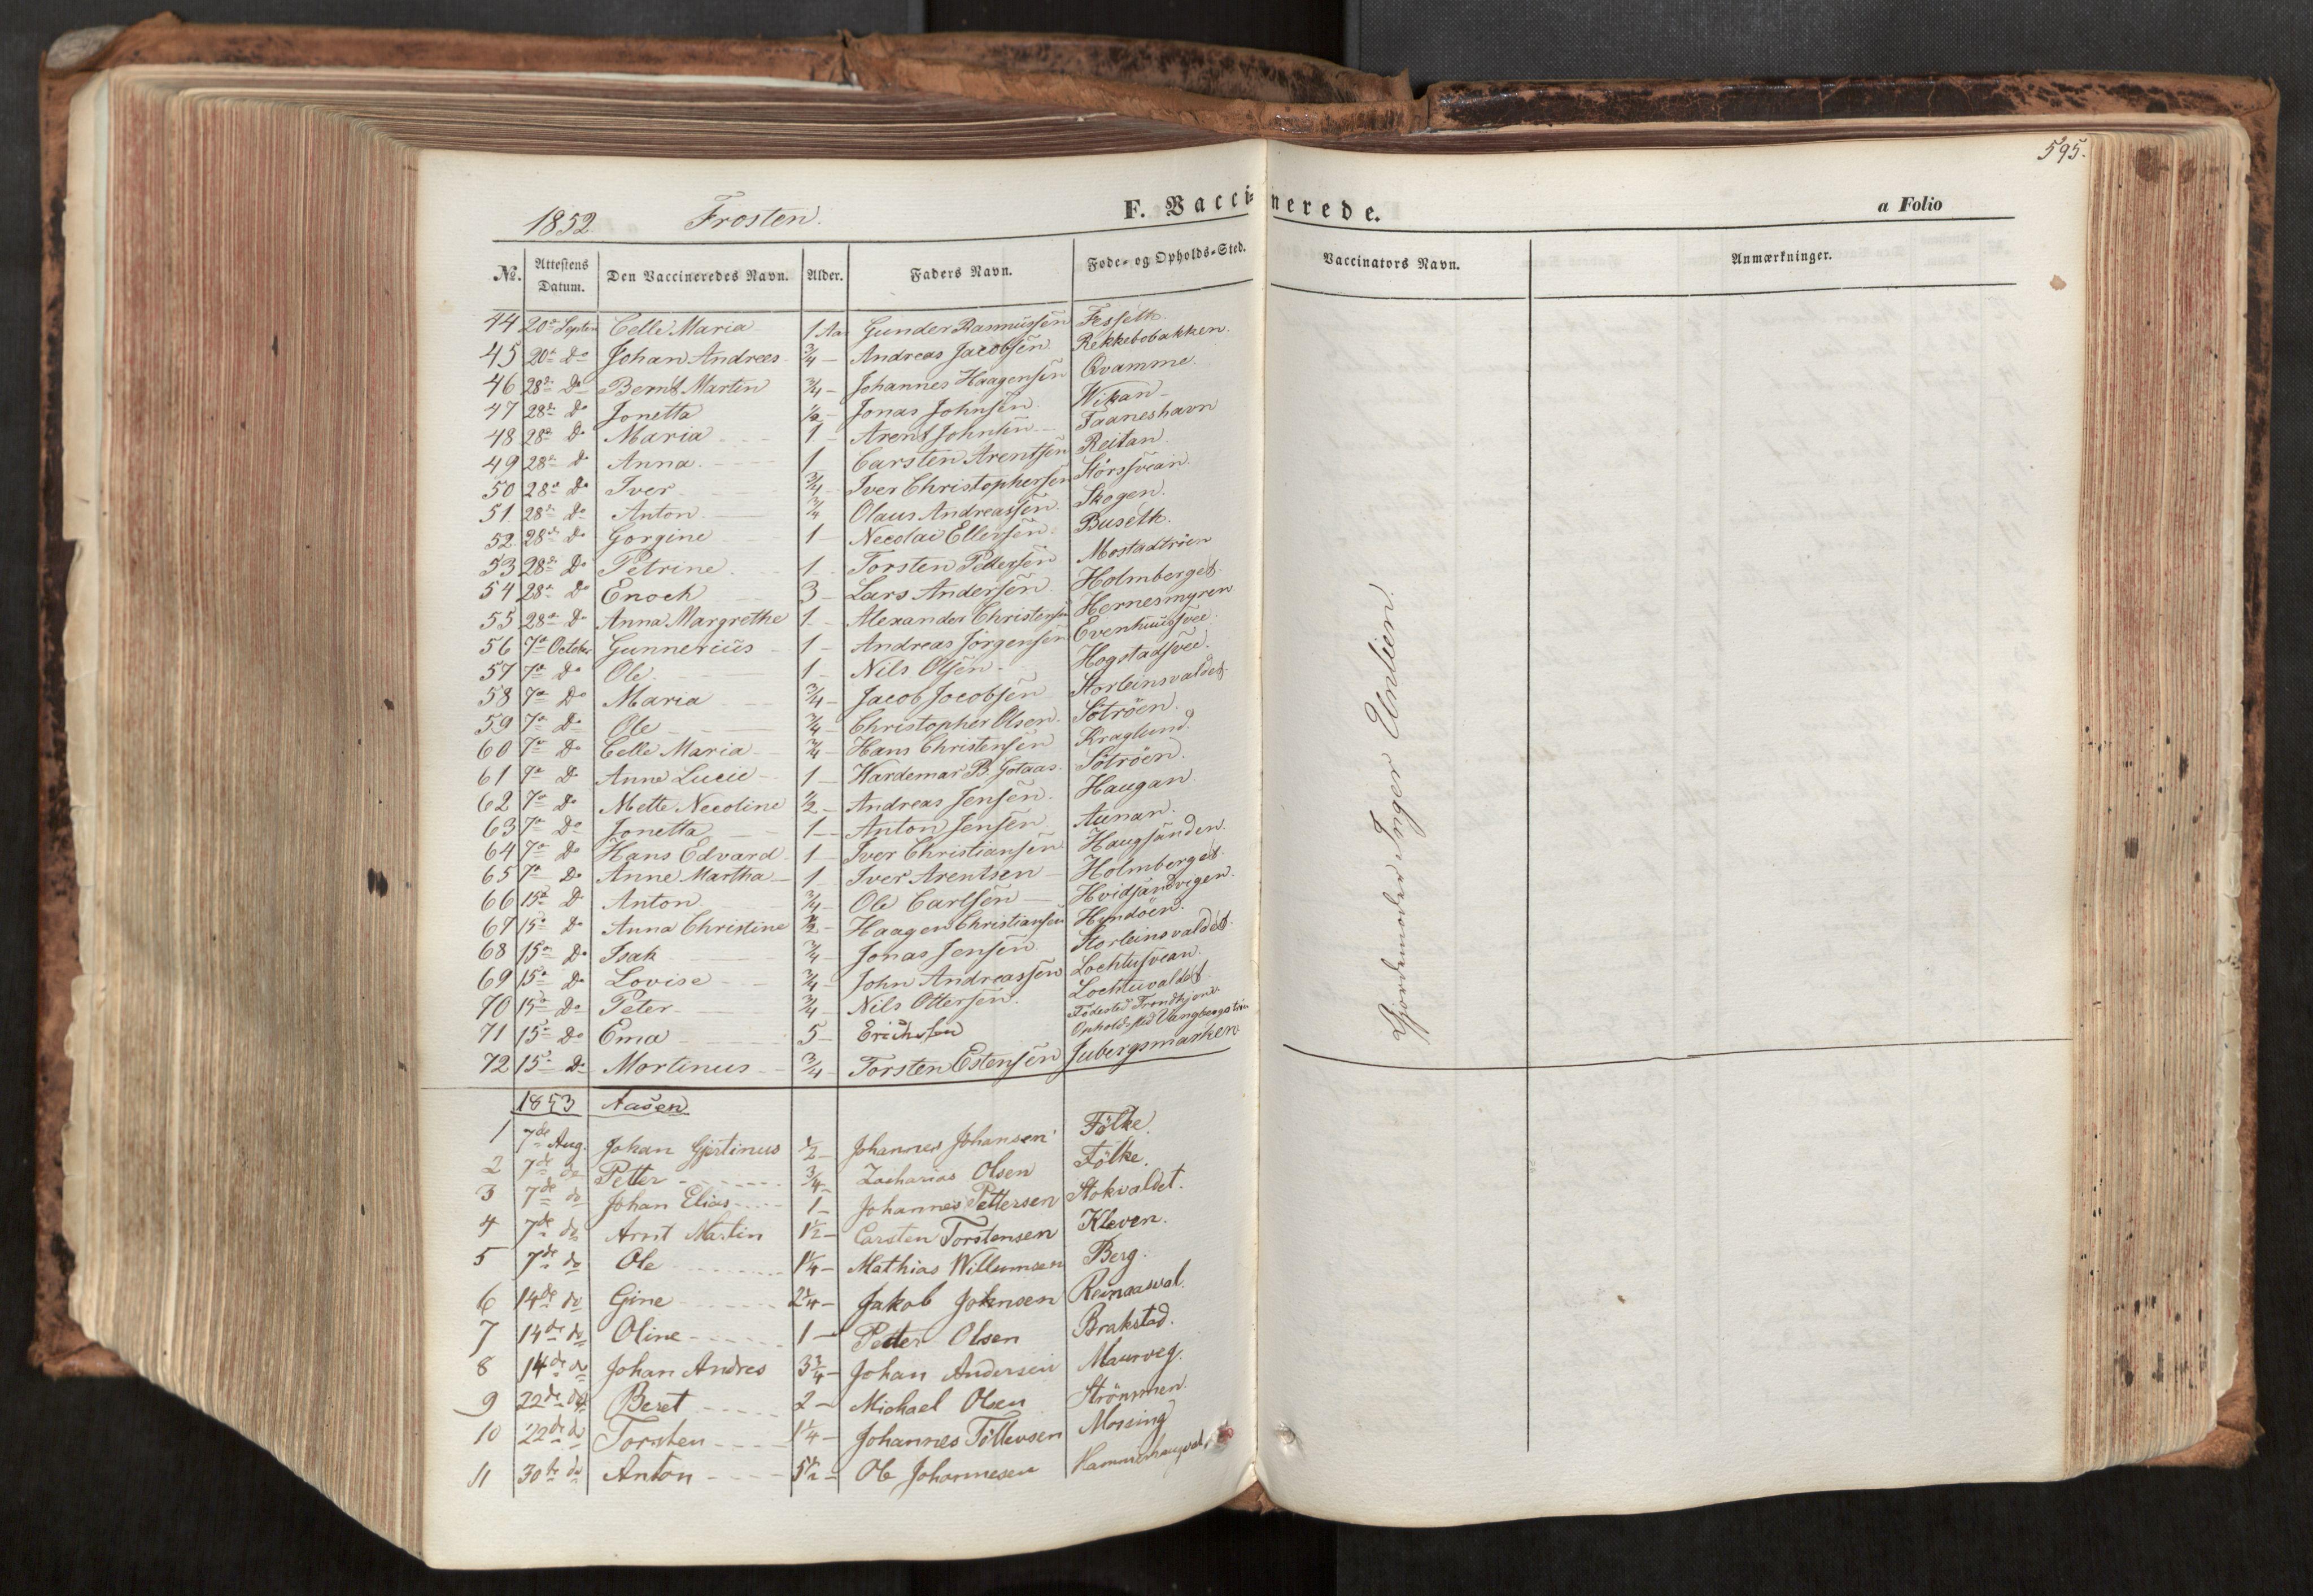 SAT, Ministerialprotokoller, klokkerbøker og fødselsregistre - Nord-Trøndelag, 713/L0116: Ministerialbok nr. 713A07, 1850-1877, s. 595